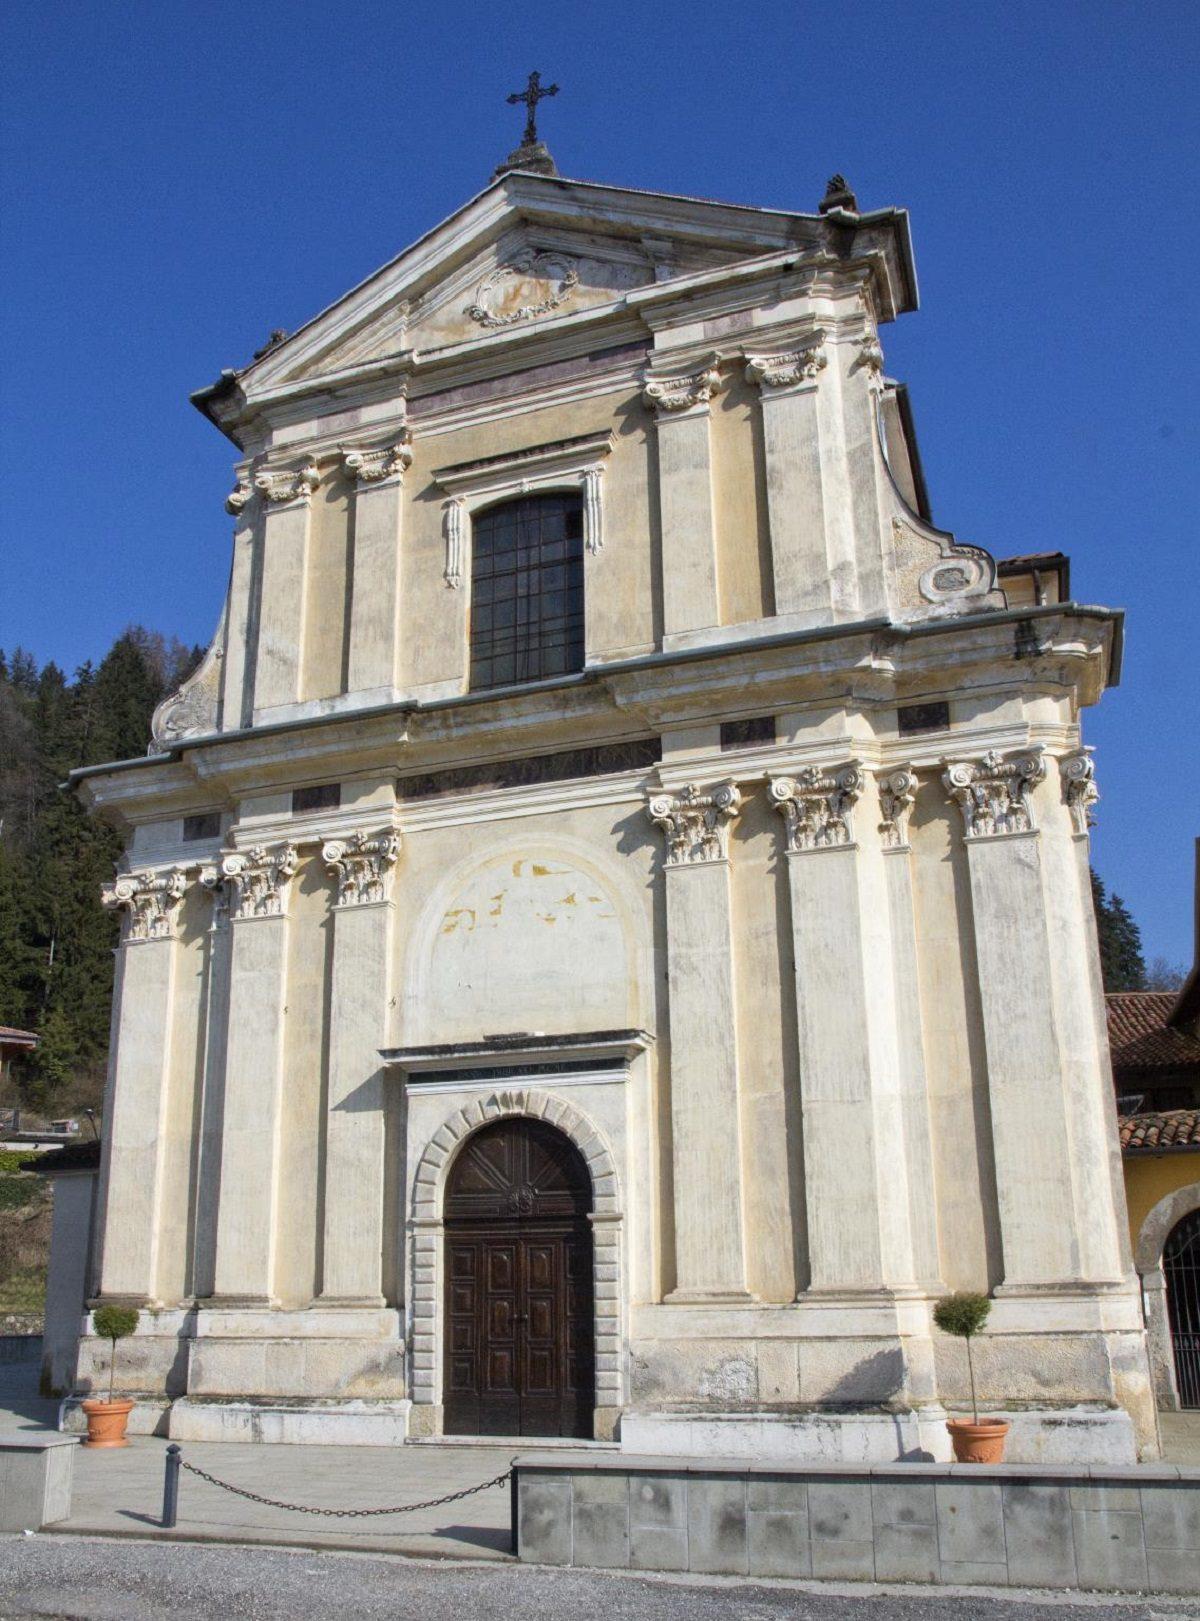 Chiesa Santi Cosma e Damiano, Marmentino